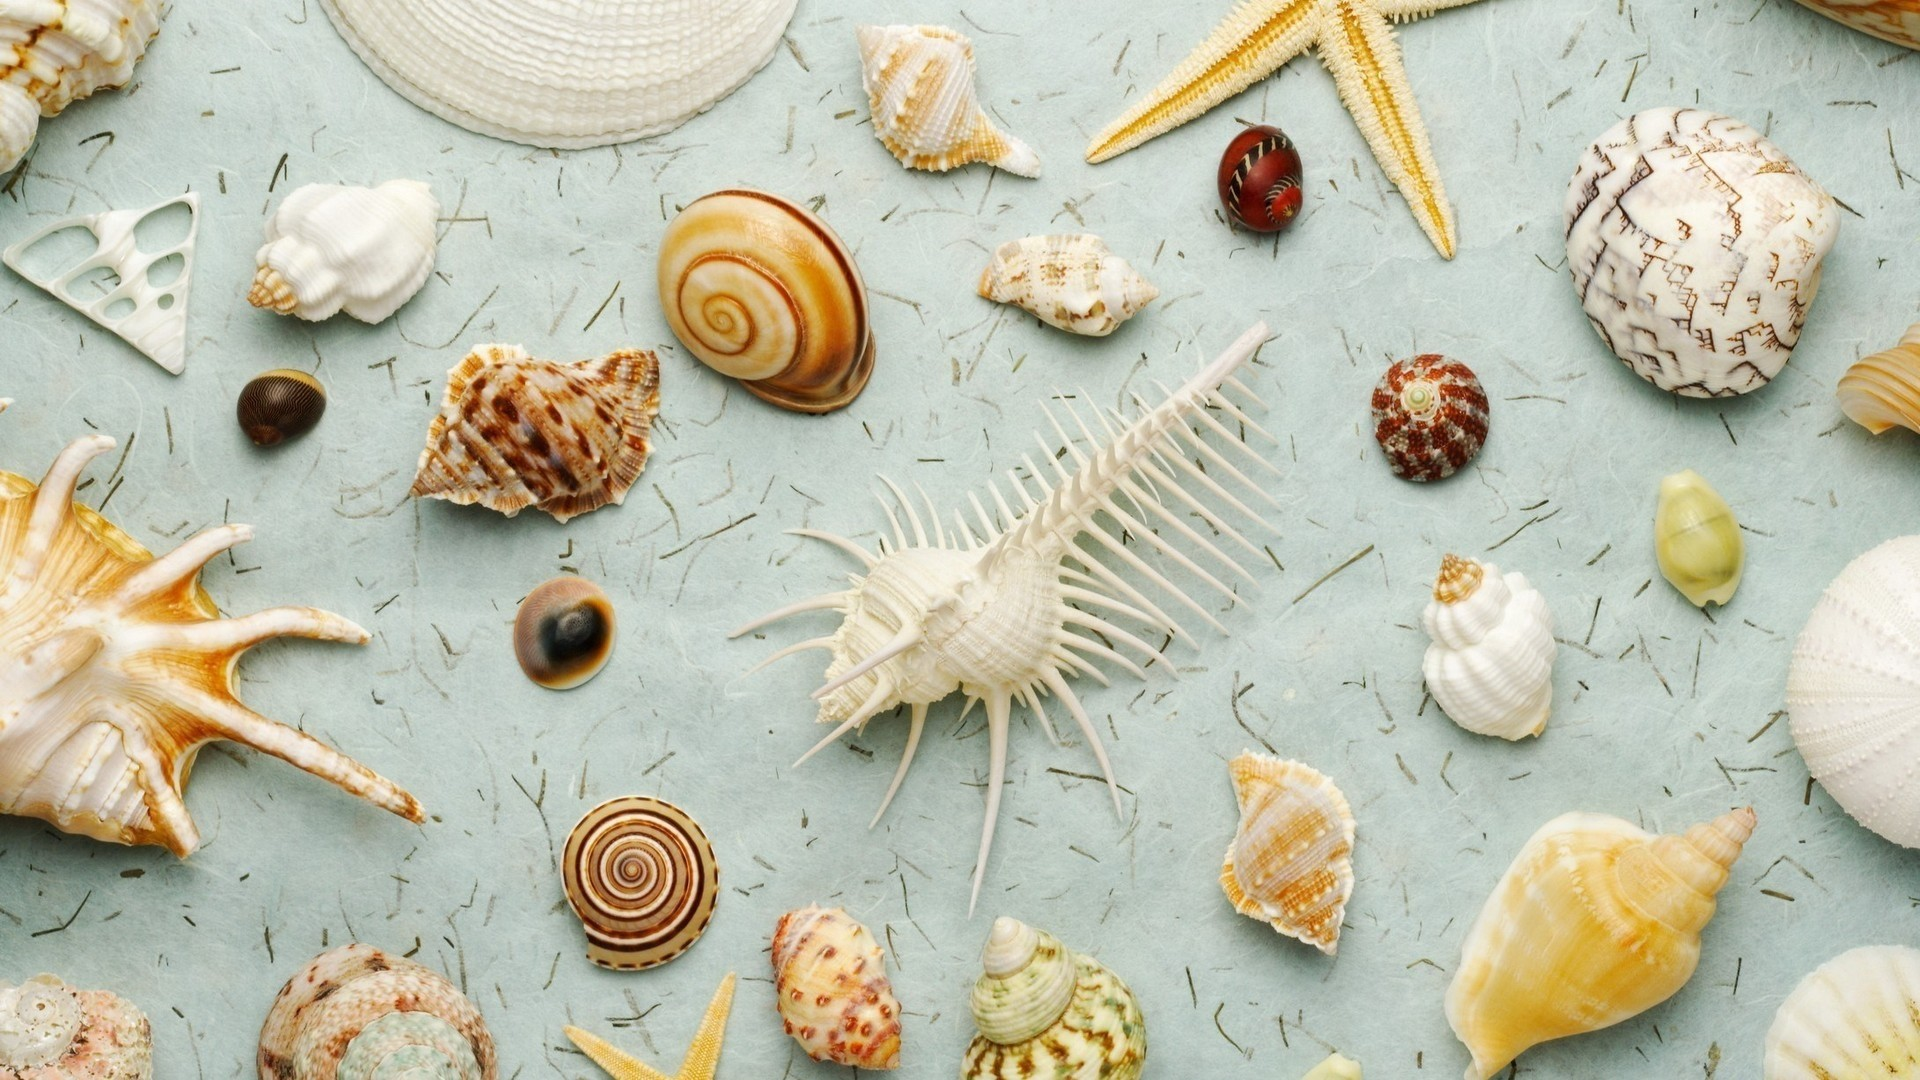 Seashell wallpaper for desktop